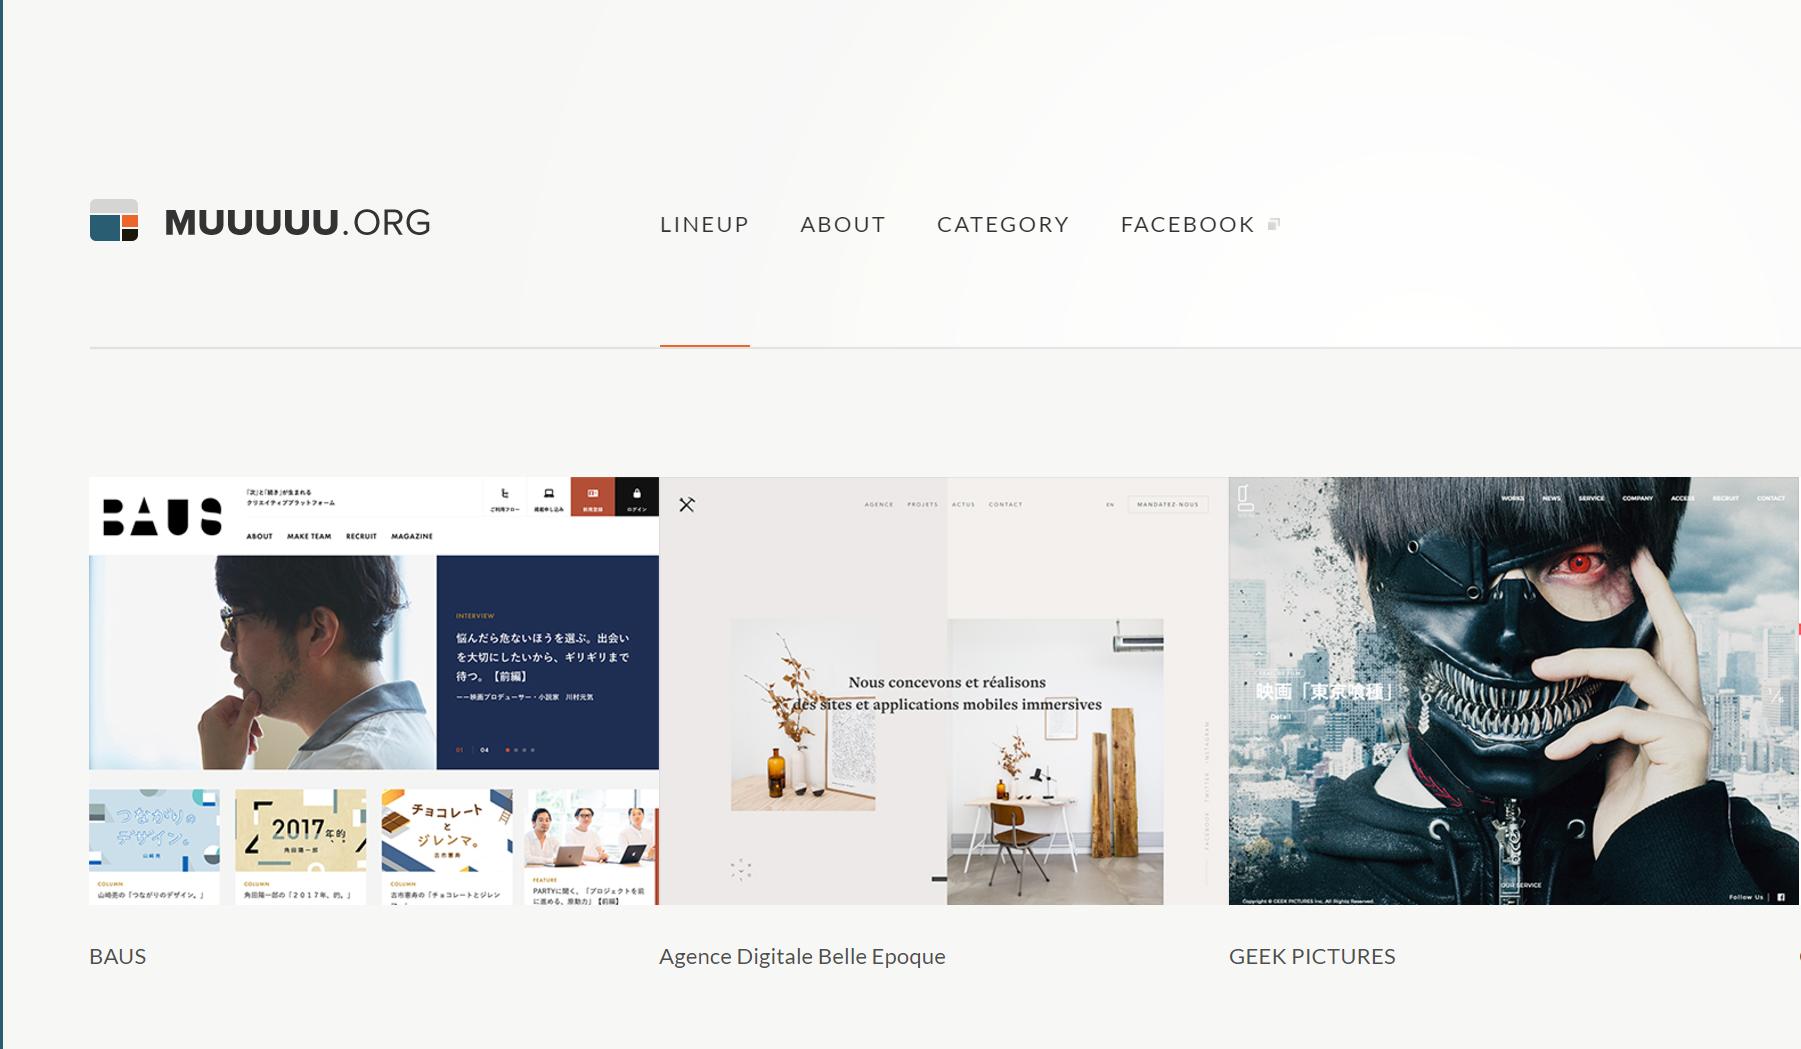 muuuuu - wordpressでデザインを自作する方法とかっこいいトップページの一覧